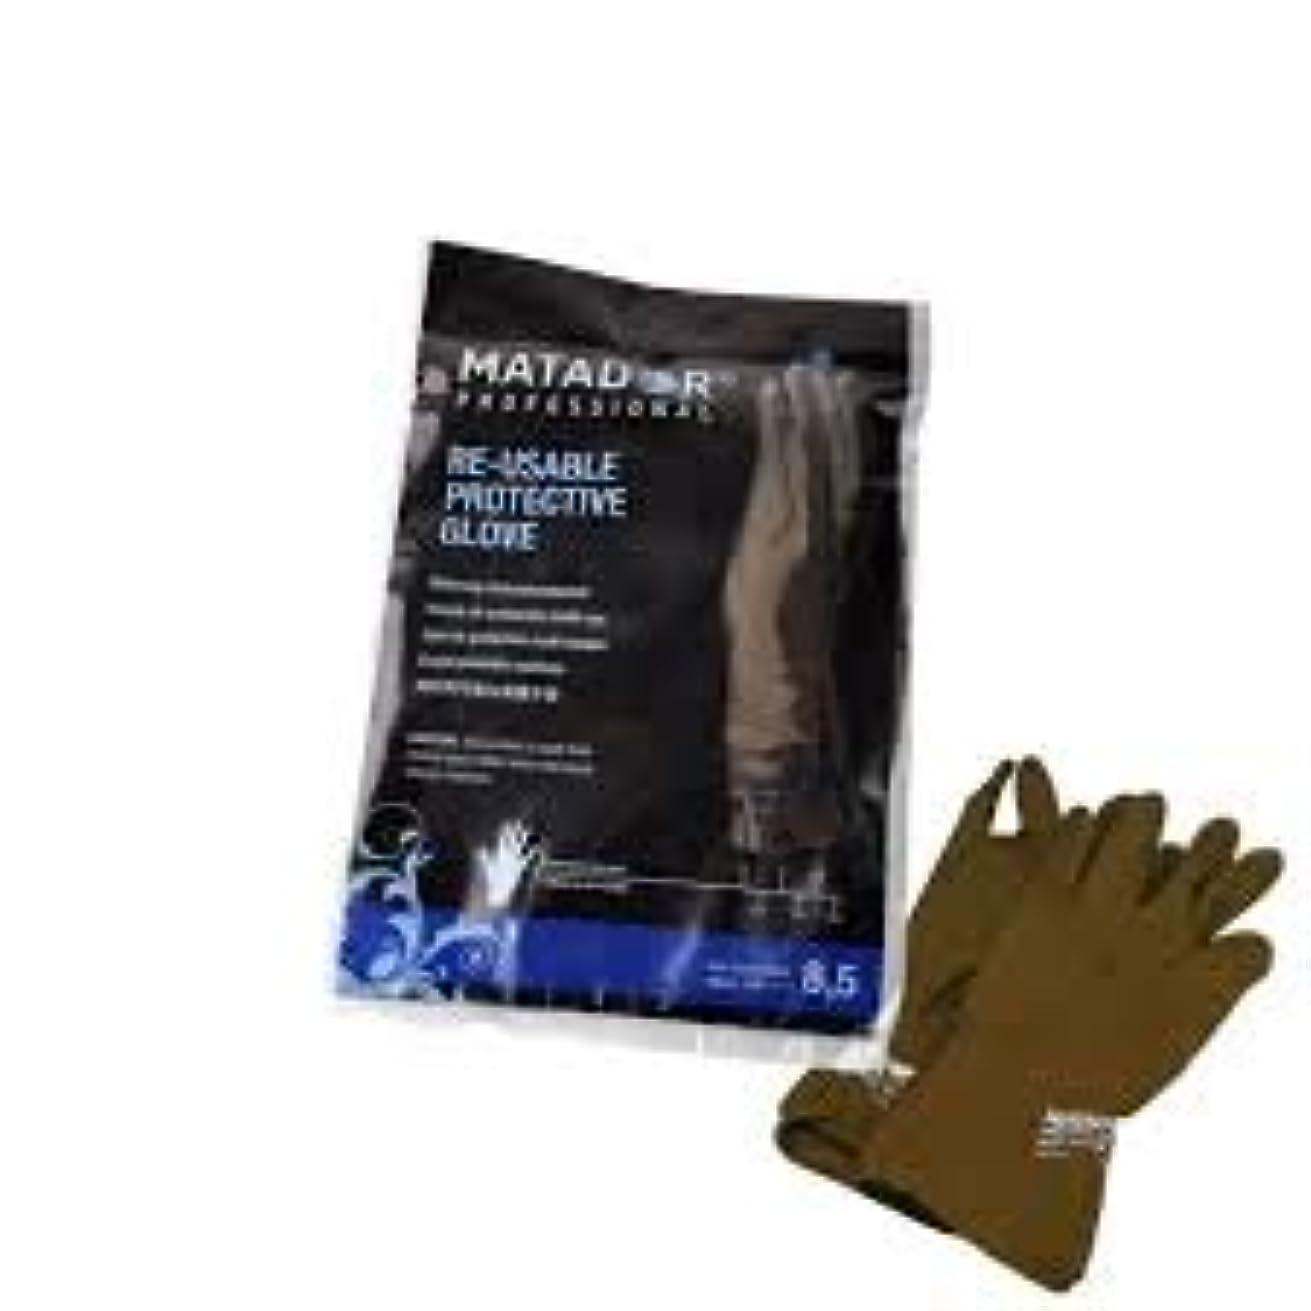 駐地ジャケット彫刻マタドールゴム手袋 8.5吋 【5個セット】